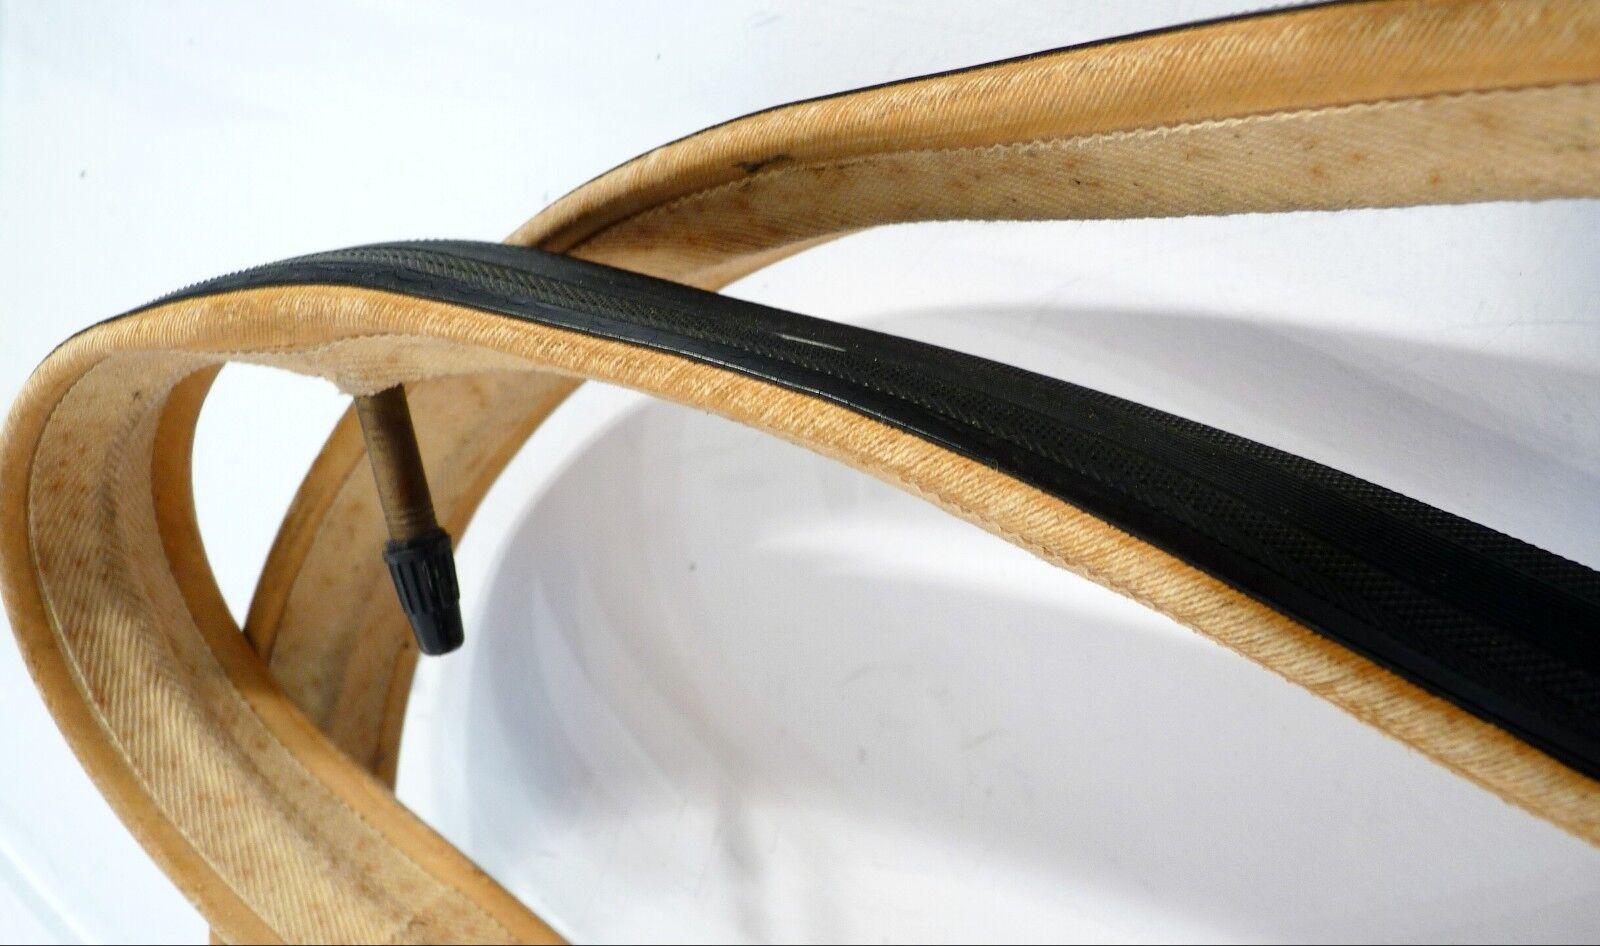 NEU Brügelmann 280 Schlauchreifen Schlauchreifen Schlauchreifen 28  NOS Made in  RAR 1980er 285g    Erlesene Materialien  de2a24